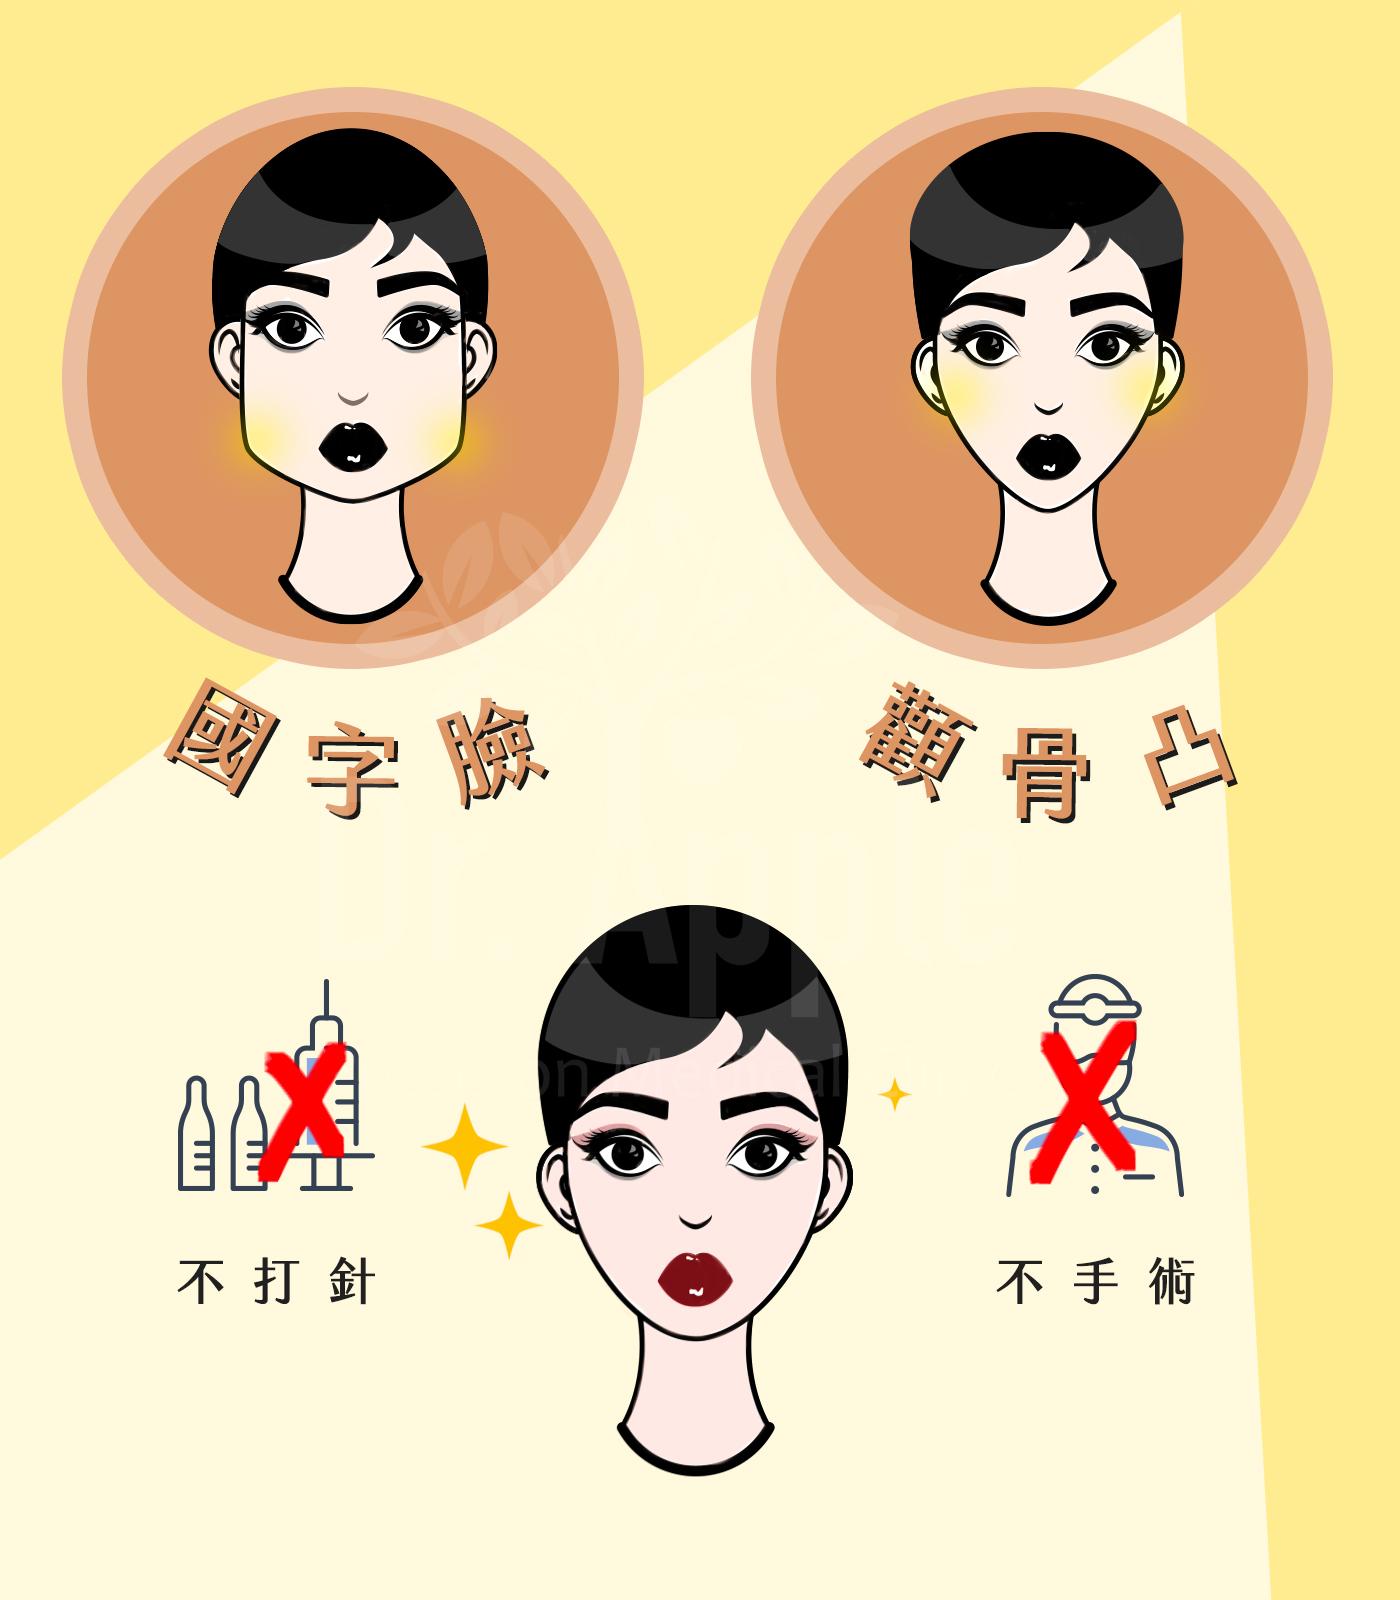 大臉-小臉-國字臉-顴骨凸v2